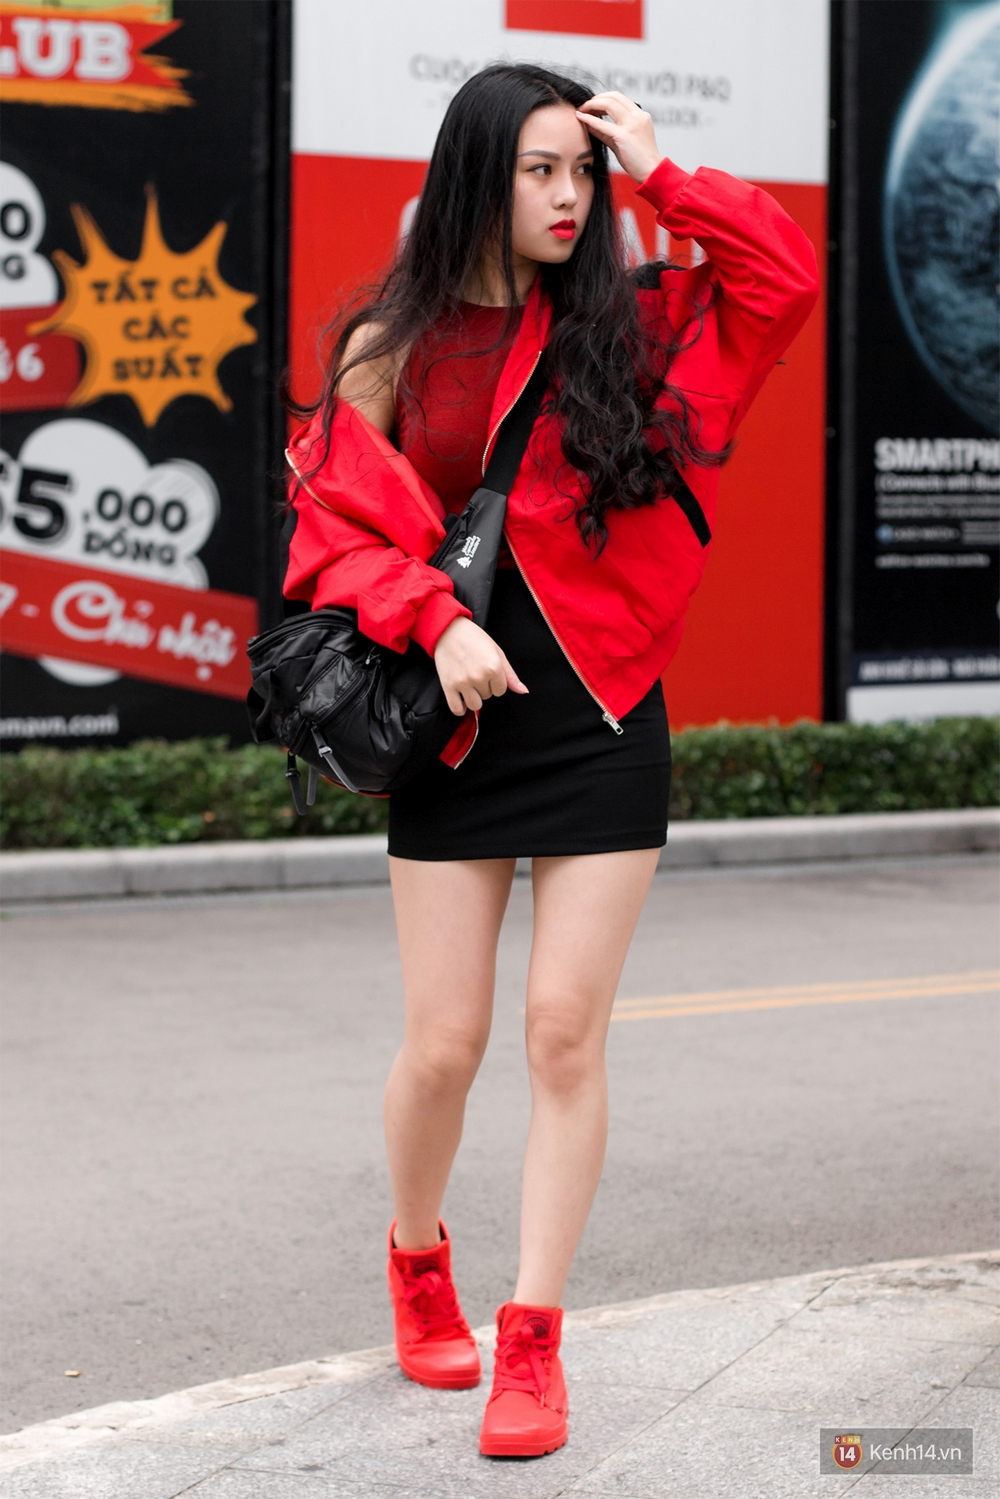 Ngày thường đã ăn diện, dịp nghỉ lễ giới trẻ Việt càng tích cực khoe street style siêu trendy và bắt mắt - Ảnh 1.